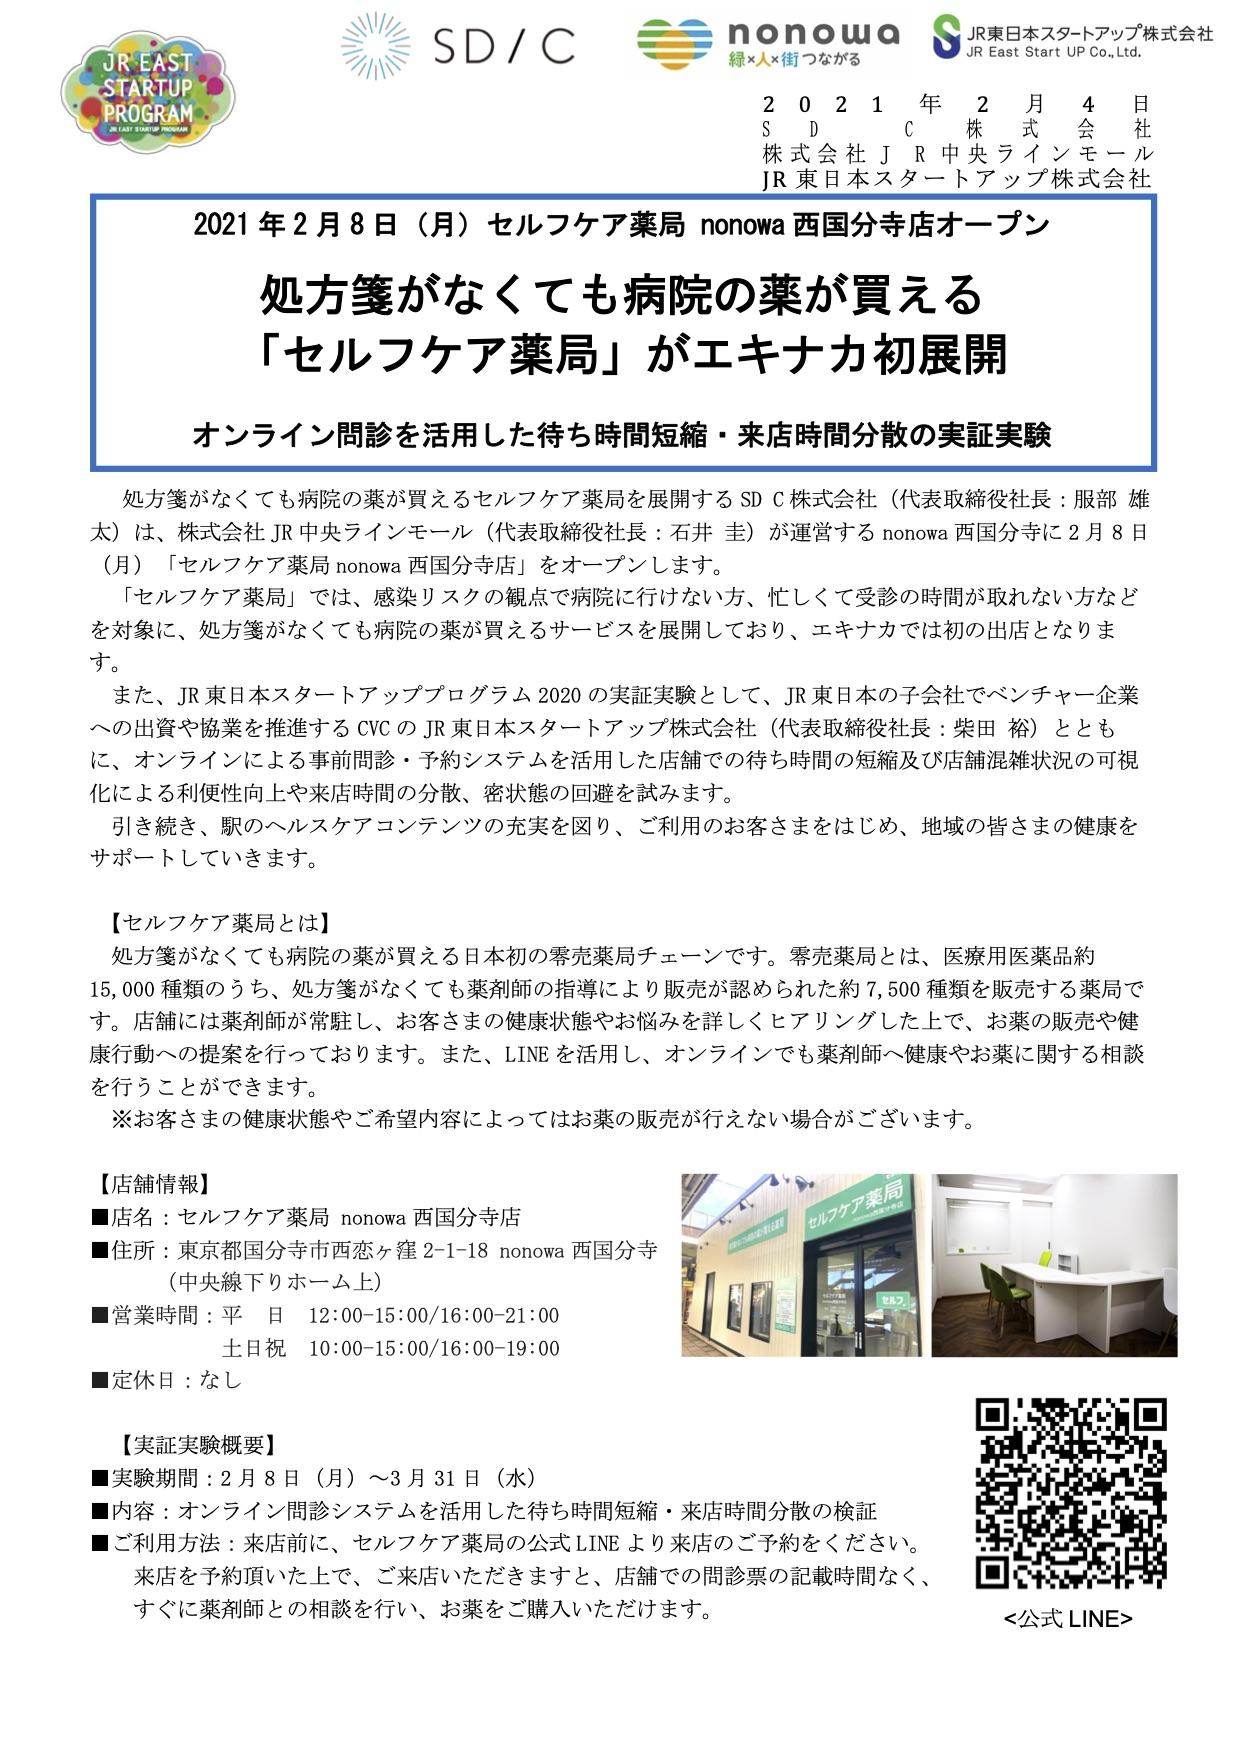 20210204_セルフケア薬局nonowa西国分寺店_プレスリリース.jpg